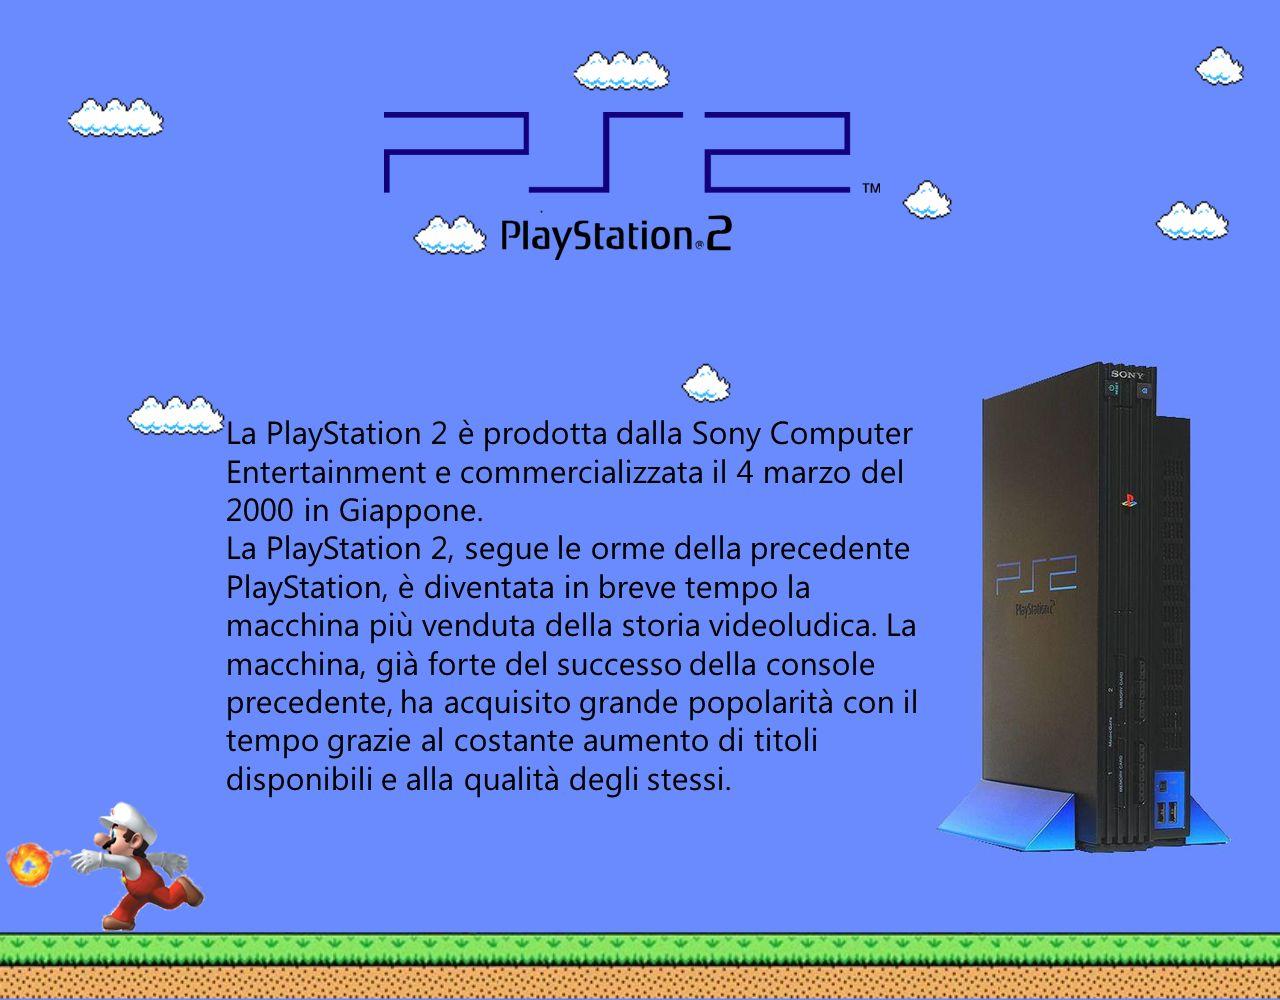 La PlayStation 2 è prodotta dalla Sony Computer Entertainment e commercializzata il 4 marzo del 2000 in Giappone. La PlayStation 2, segue le orme dell